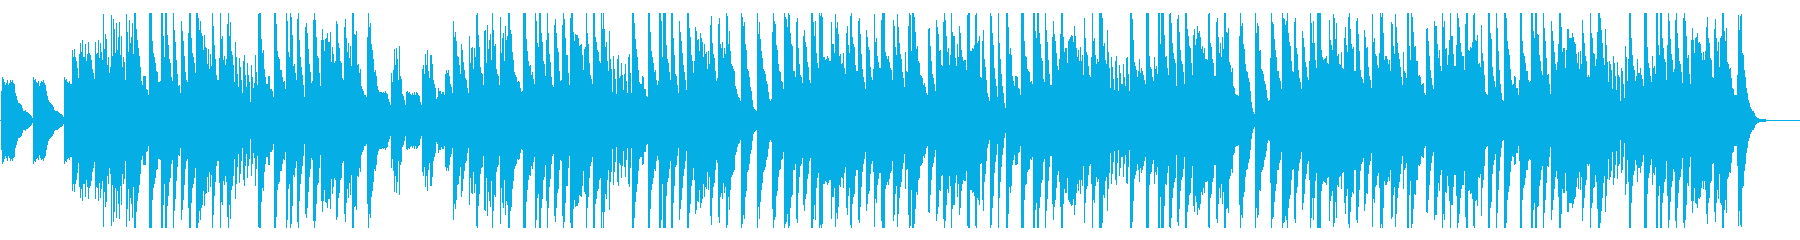 結婚行進曲/メンデルスゾーン ピアノソロの再生済みの波形